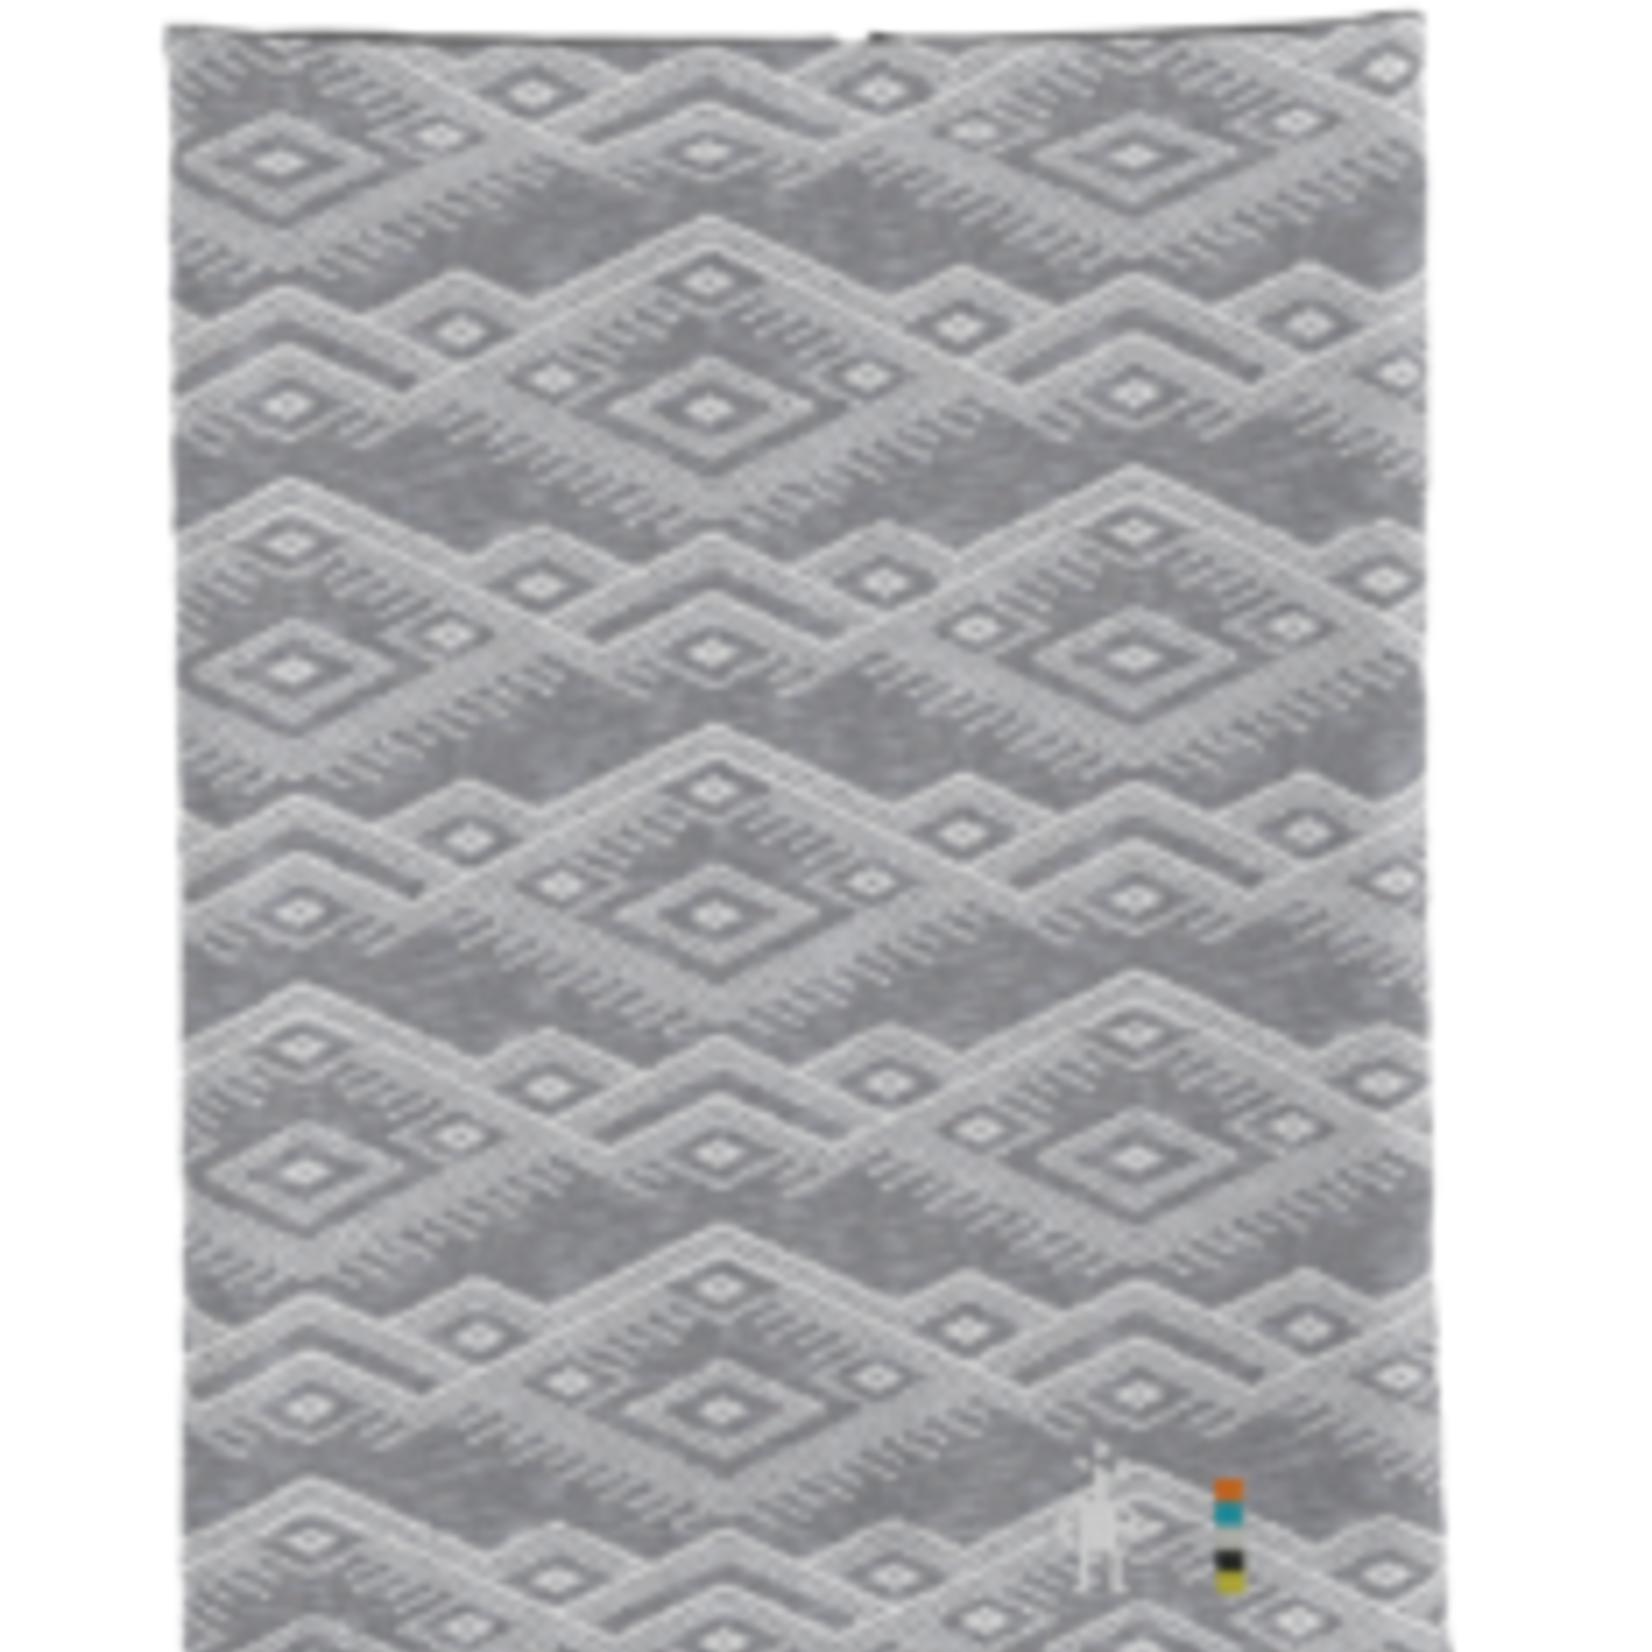 Smartwool Smartwool Merino 250 Reversible Pattern Neck Gaiter - P-128766